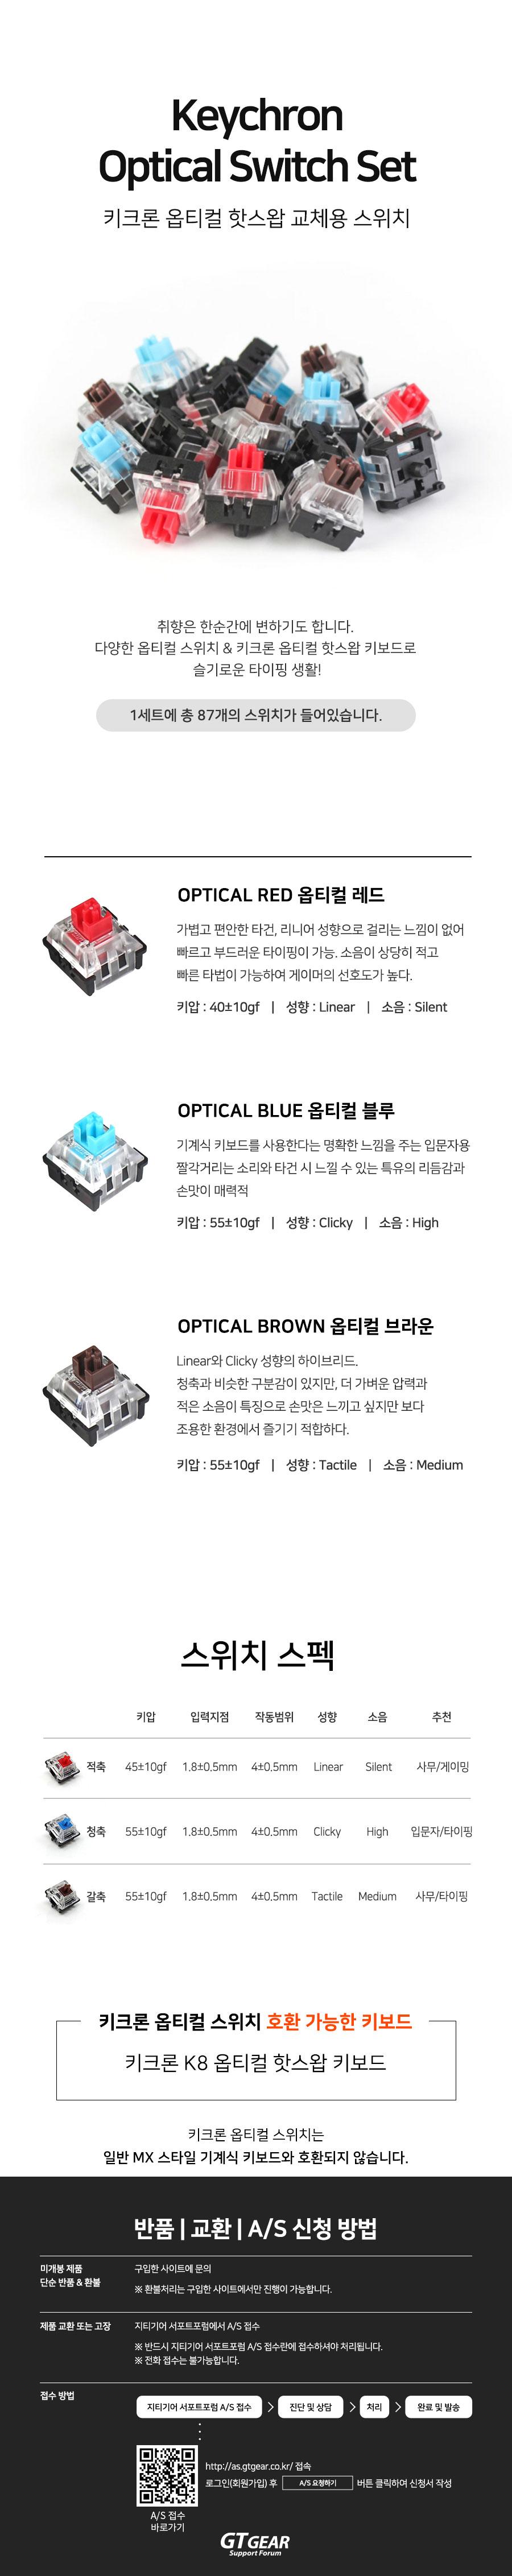 Keychron Optical Switch Set (87개, 적축)